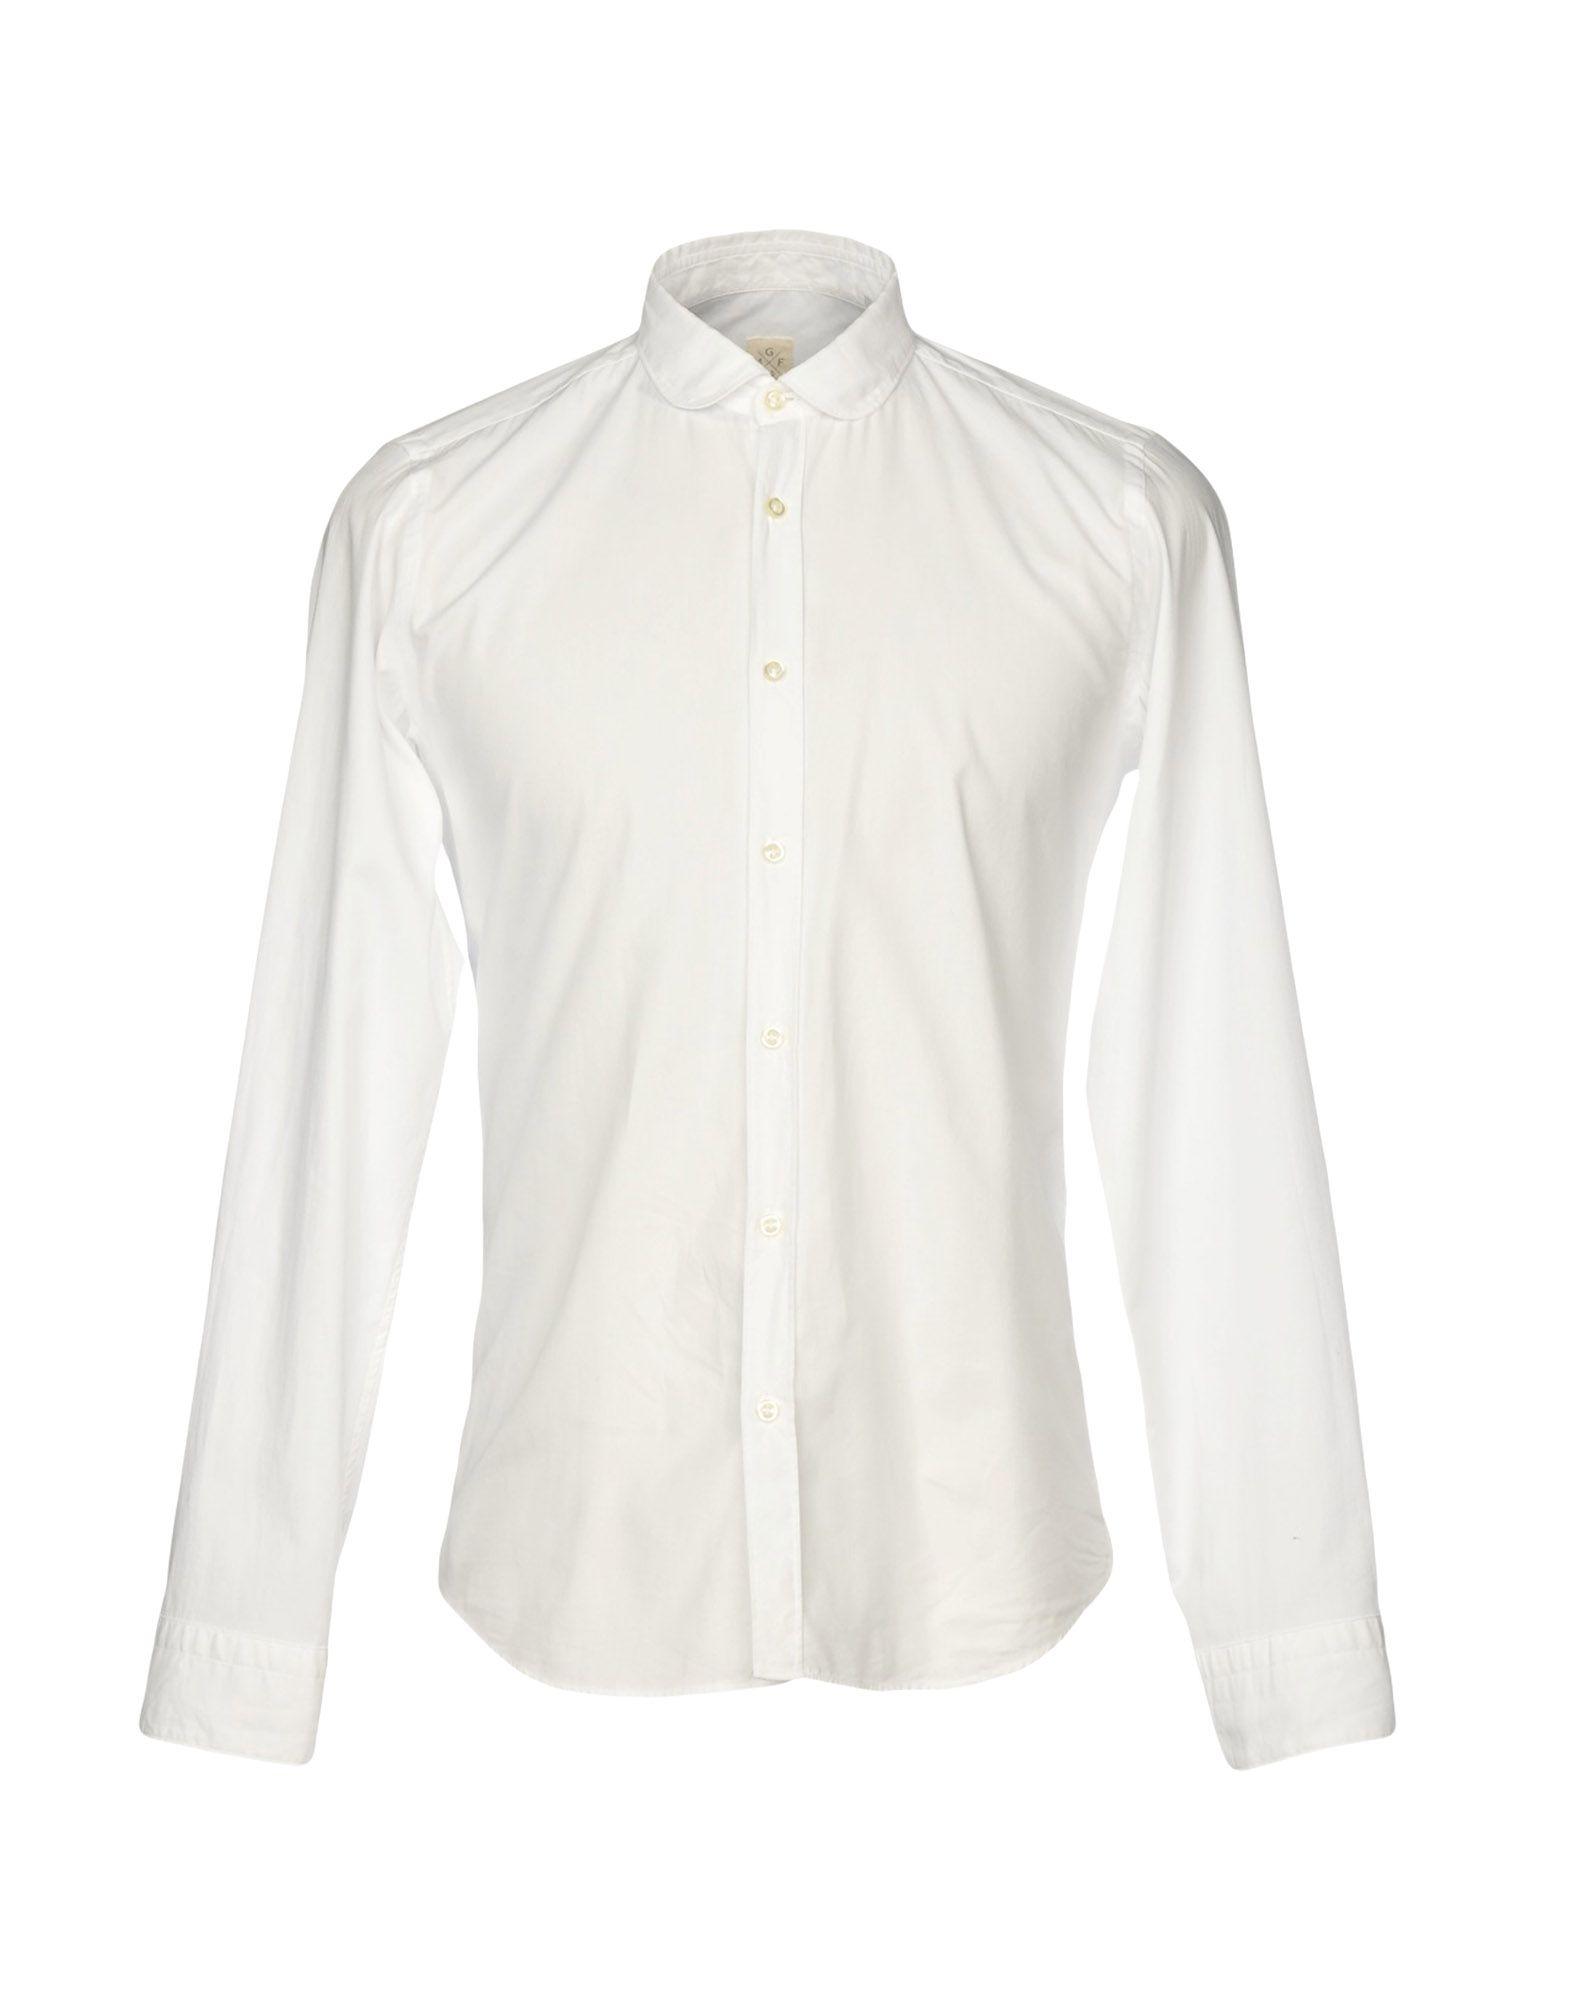 GMF 965 Pубашка